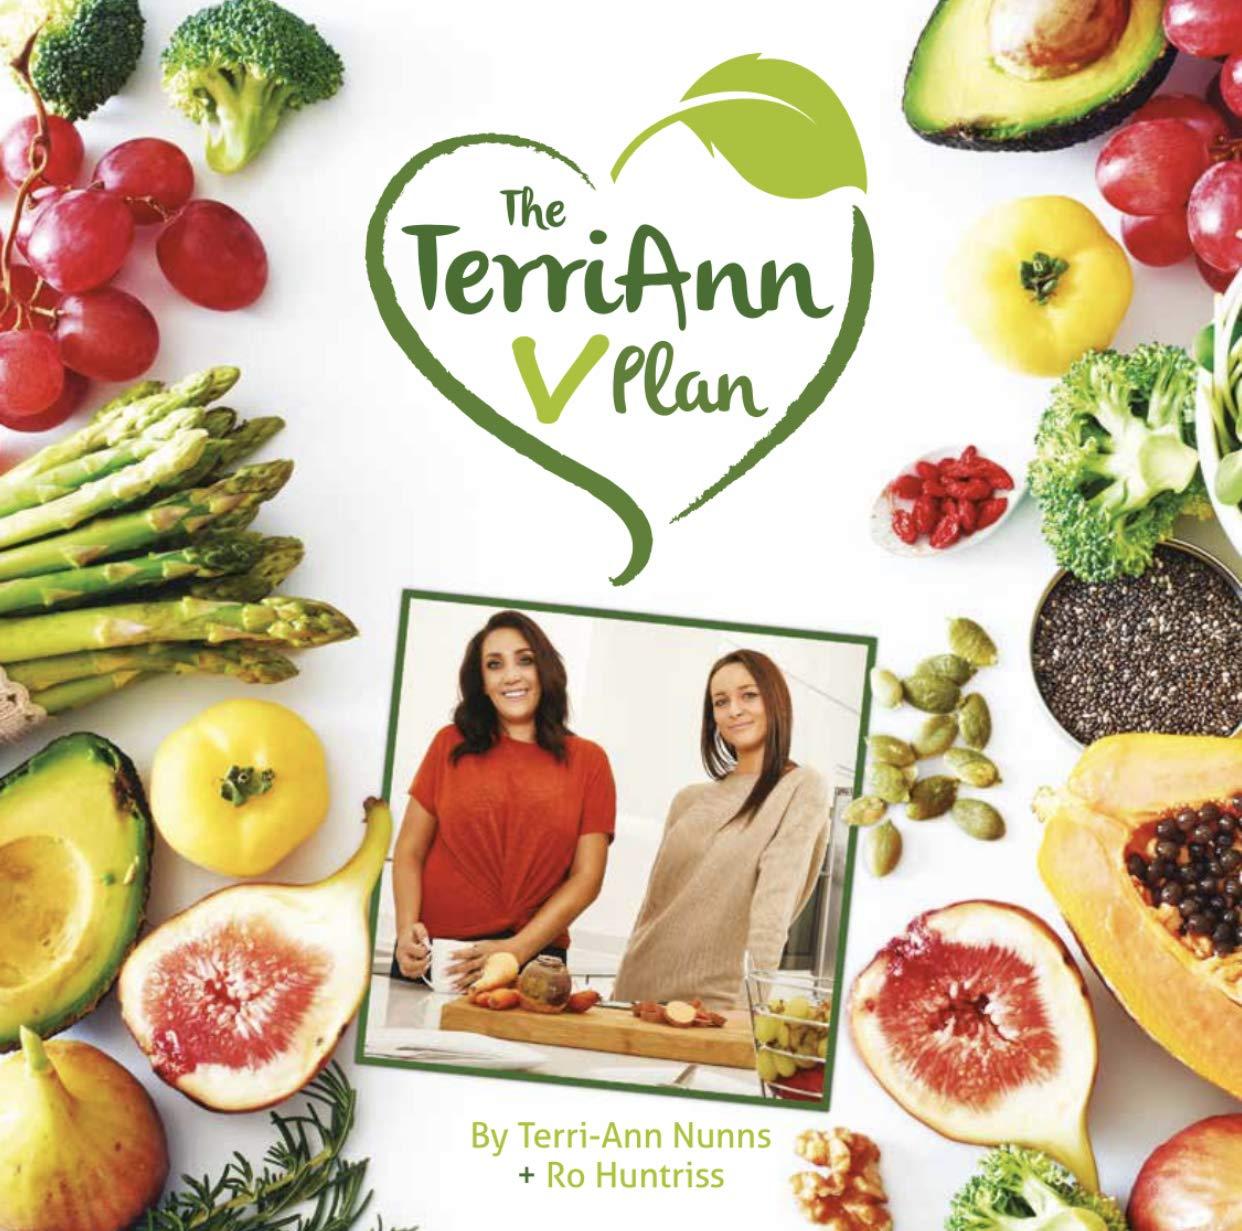 The TerriAnn V Plan